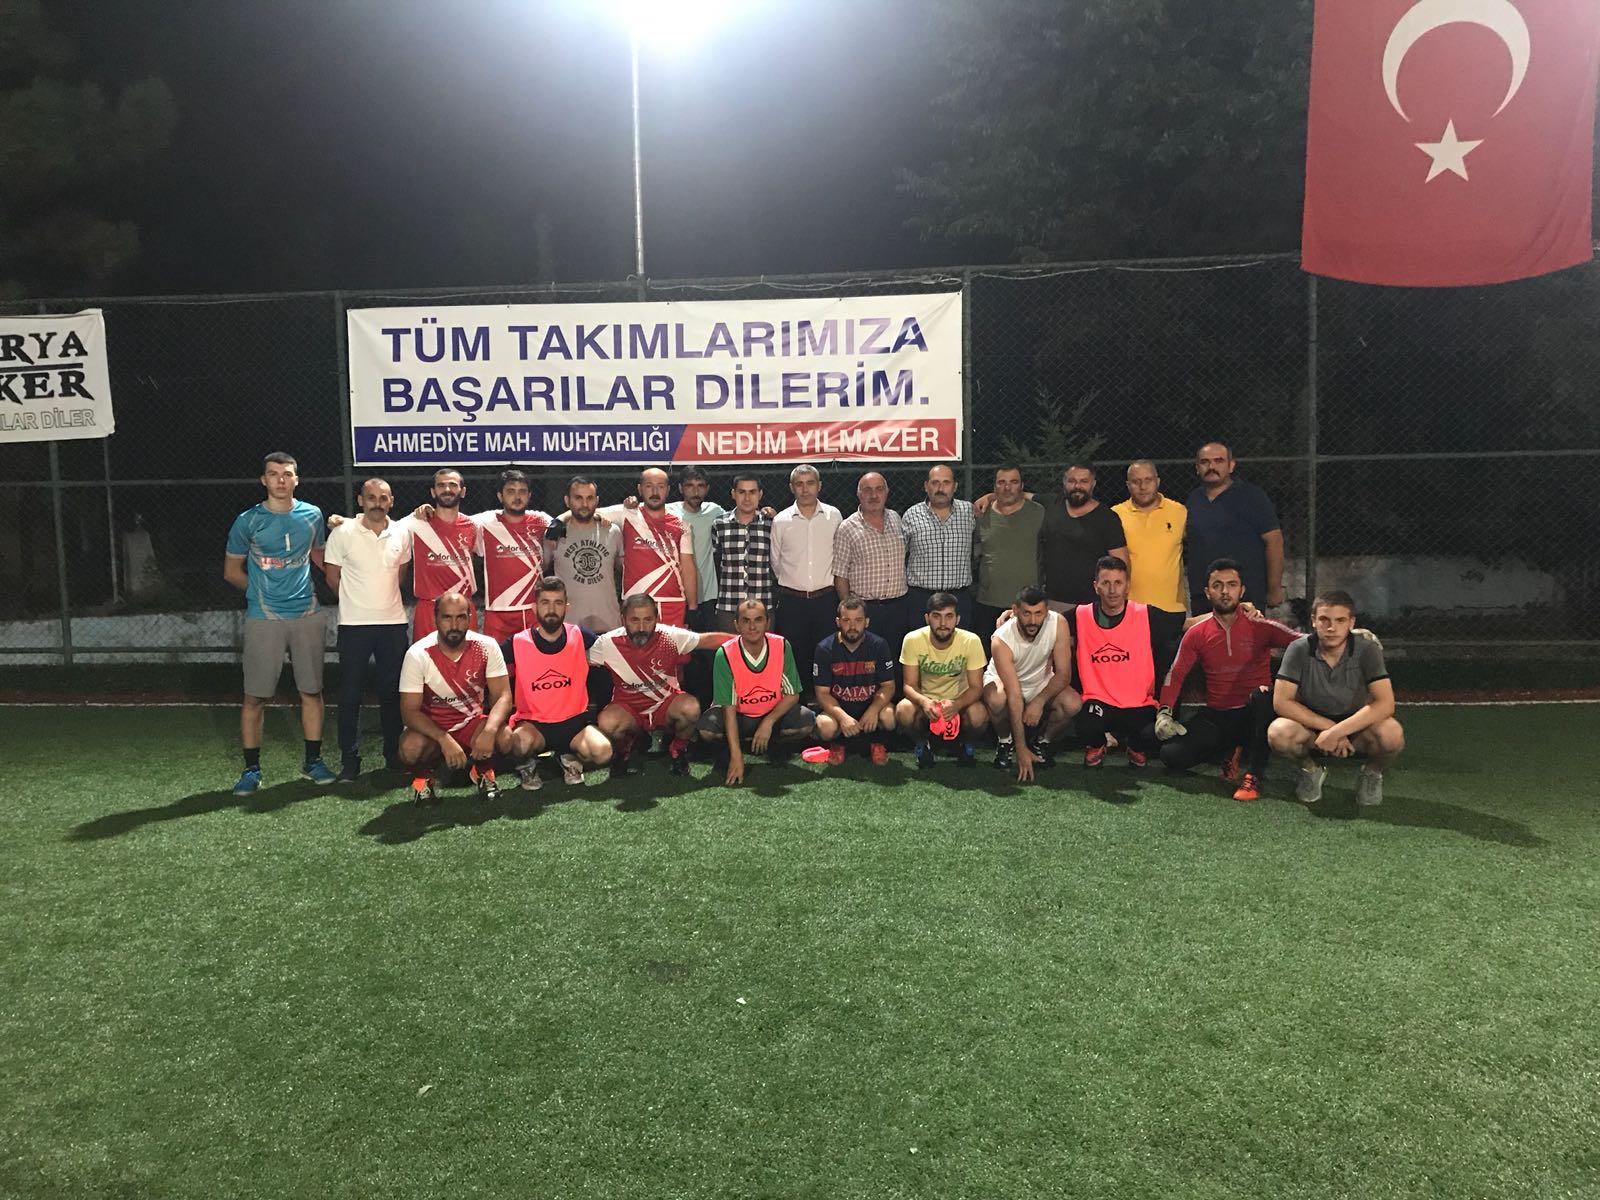 MHP Arifiye'den Ahmediye Mahallesi gençleriyle dostluk maçı